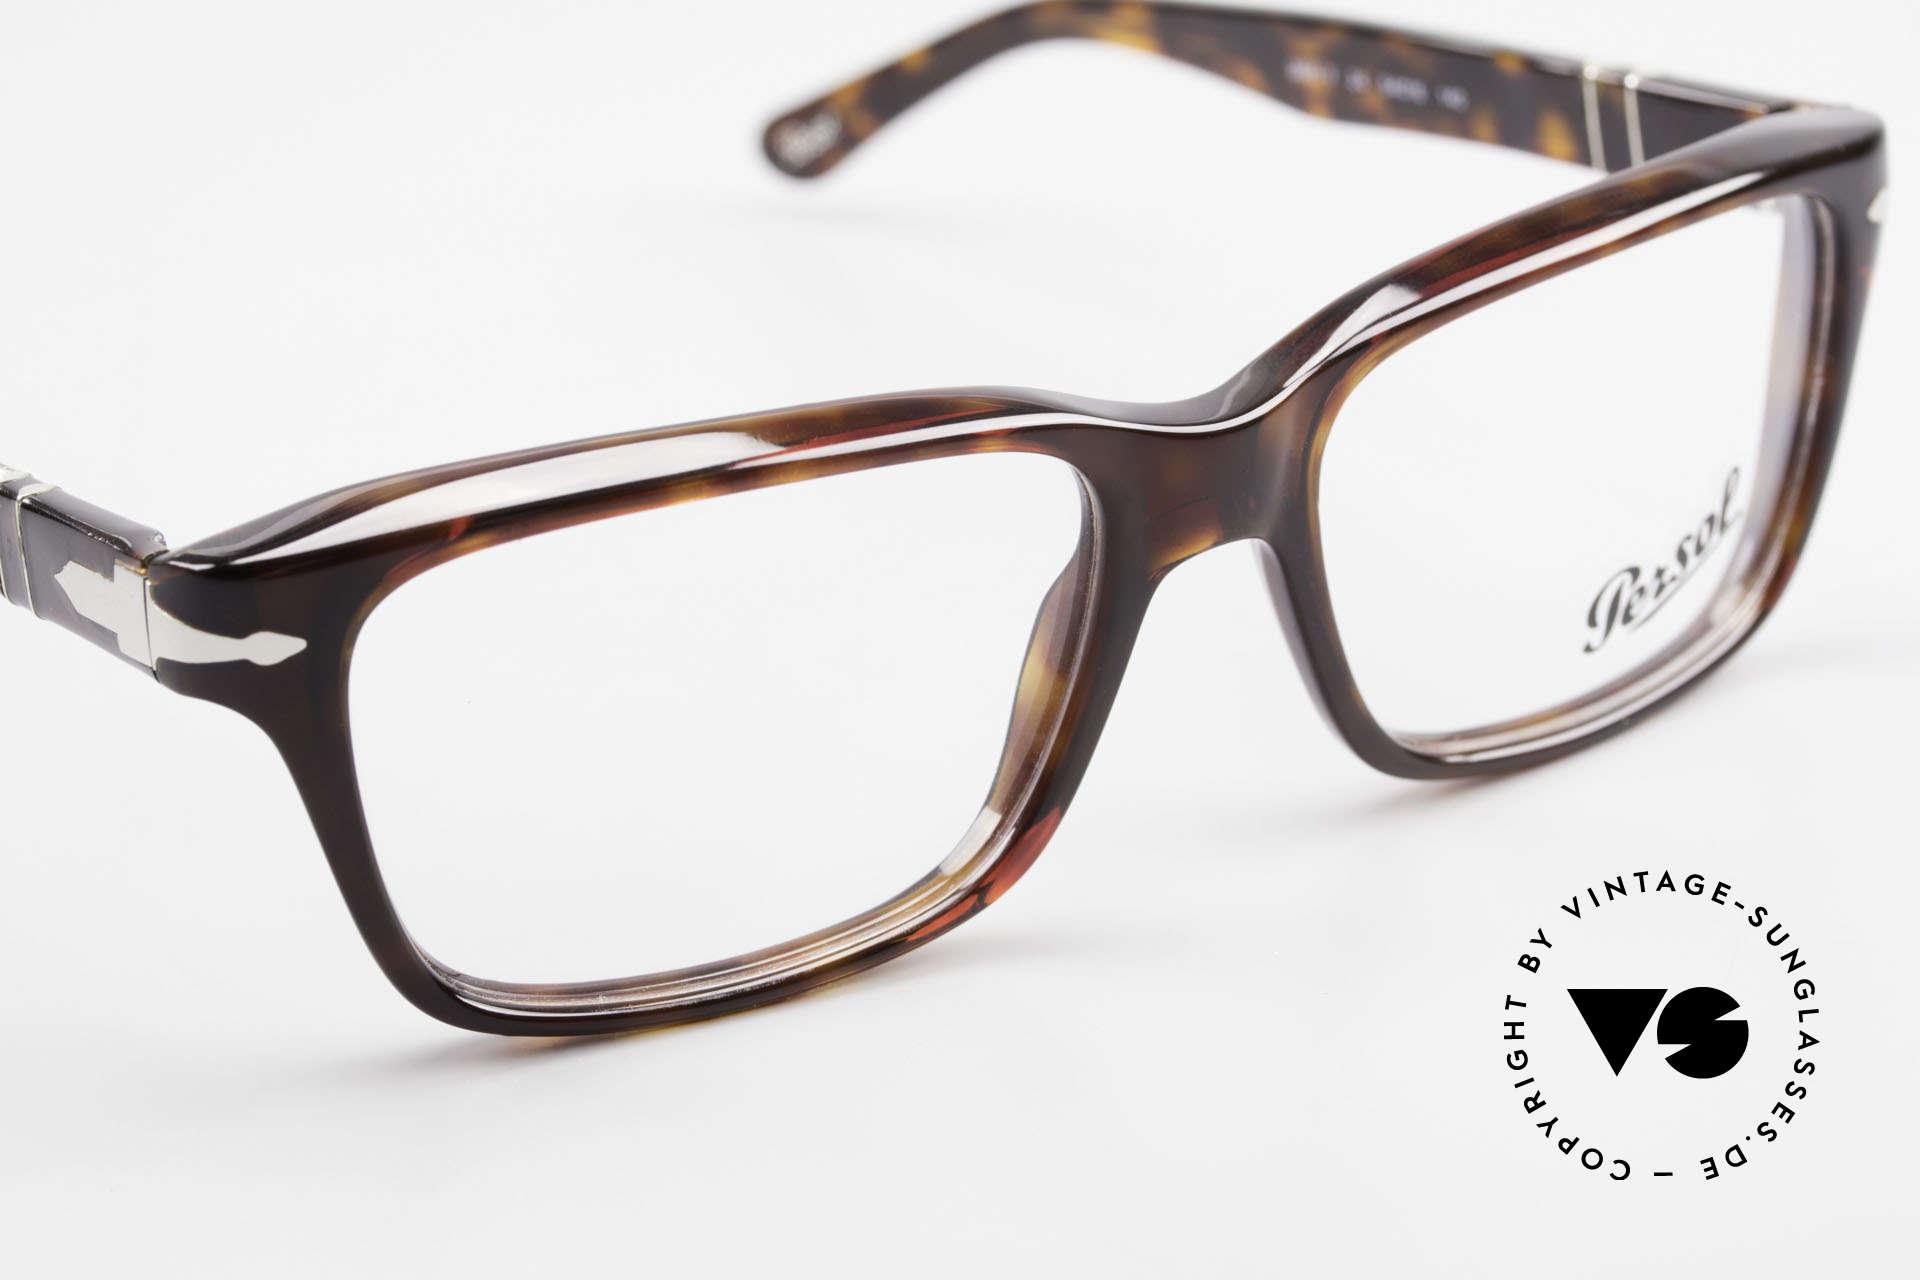 Persol 2895 Klassisch Zeitlose Unisex Brille, Größe: medium, Passend für Herren und Damen